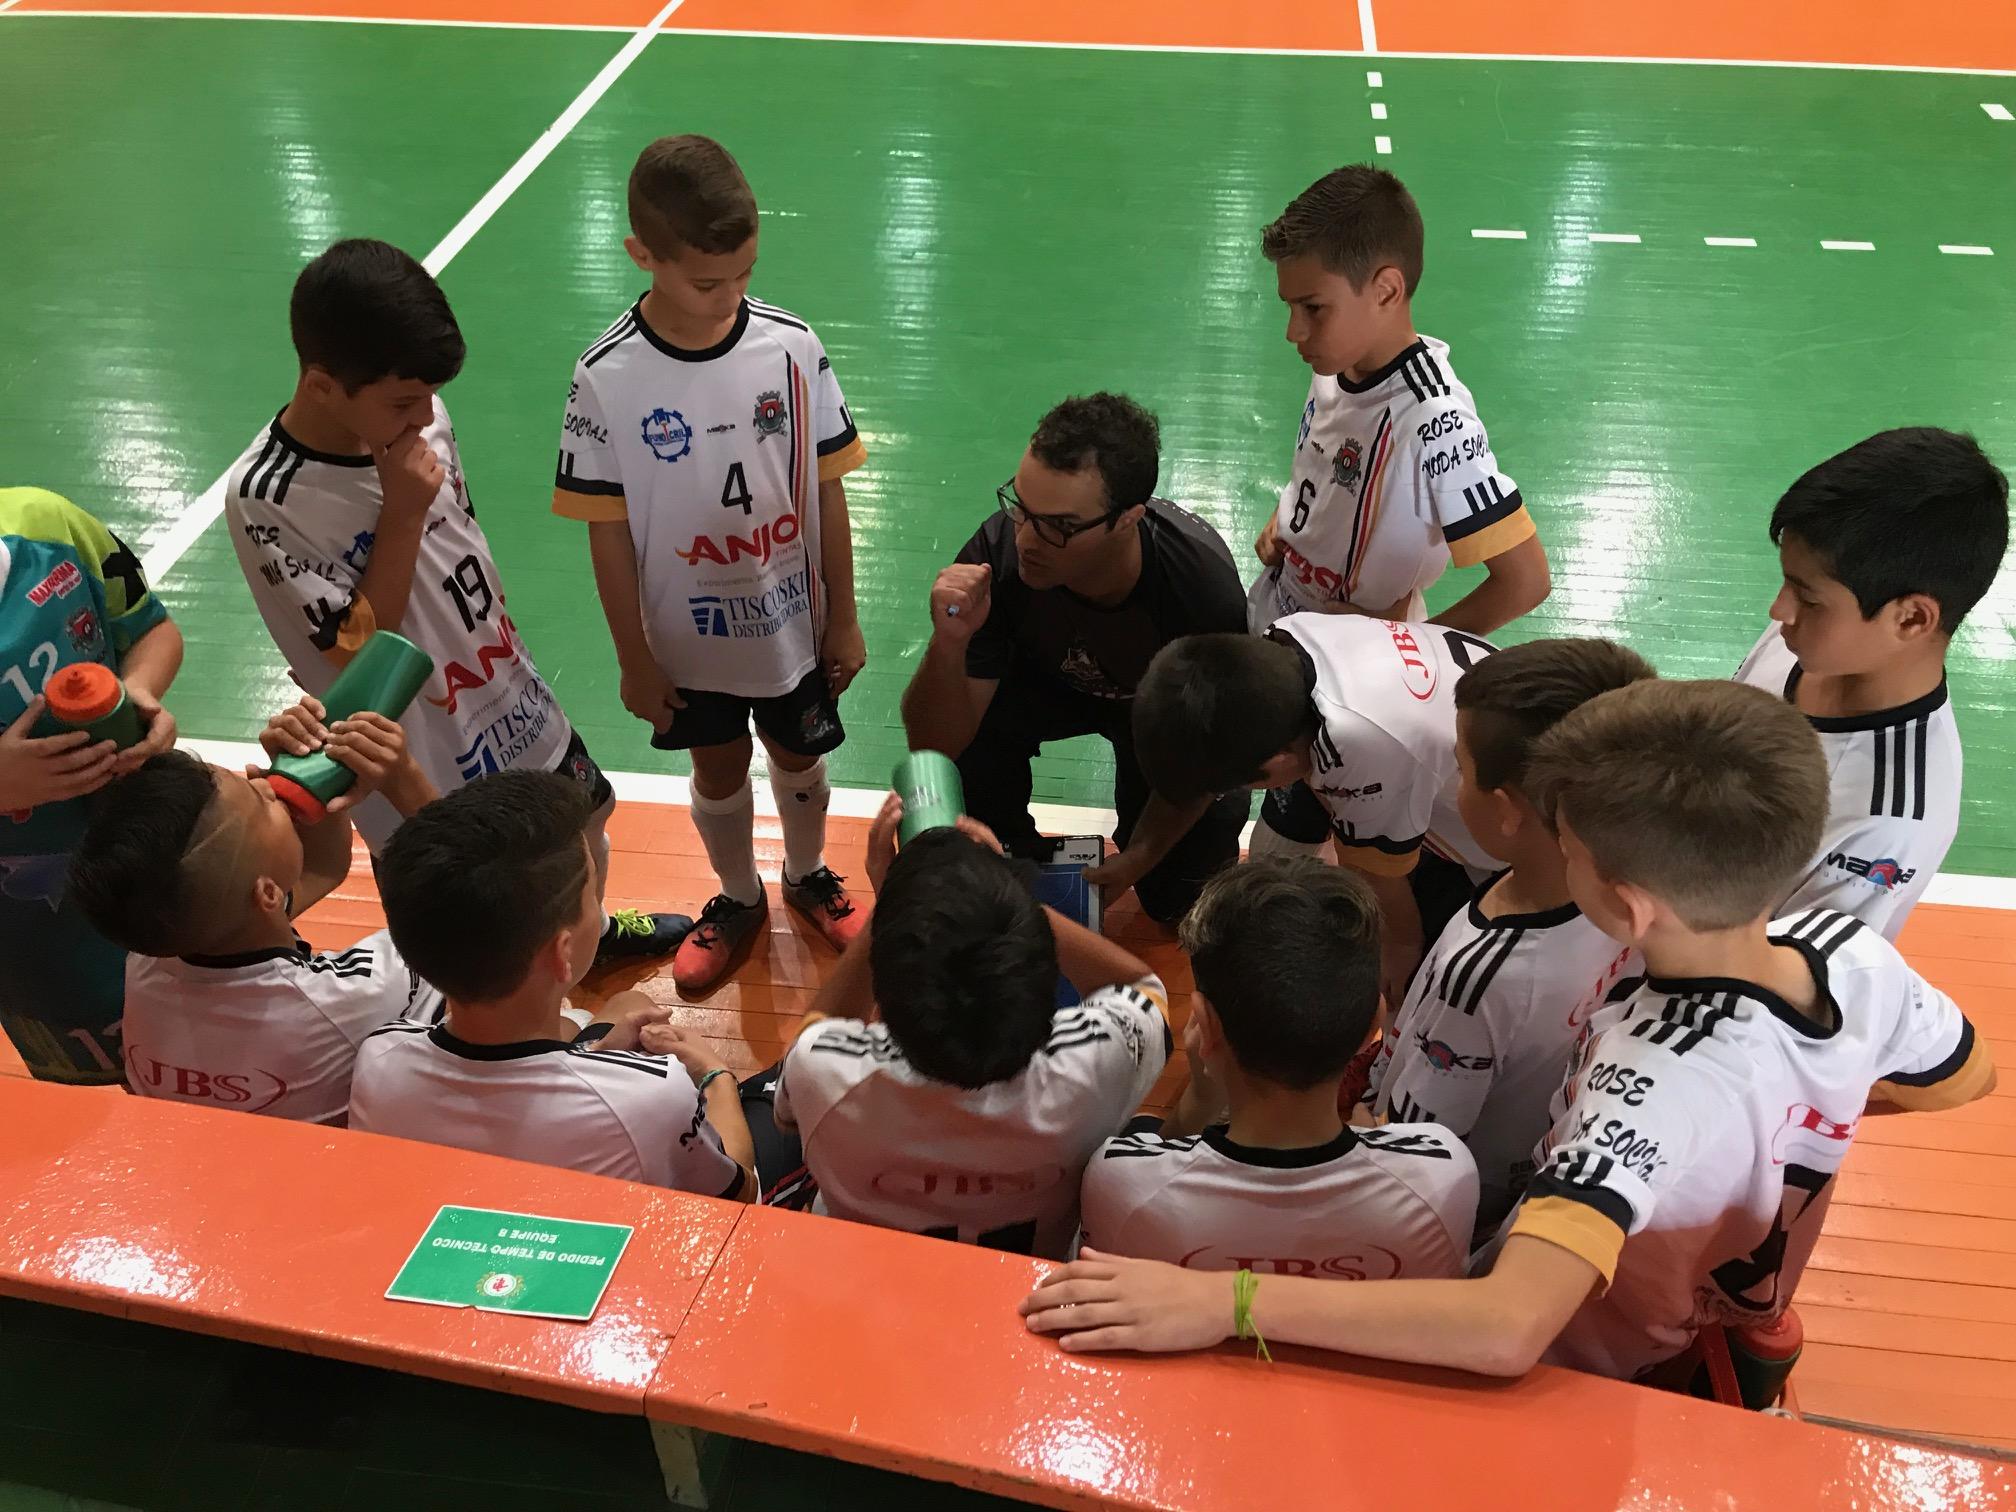 Anjos do Futsal - Página 3 de 110 - Blog do Projeto Anjos do ... 084722b00e070